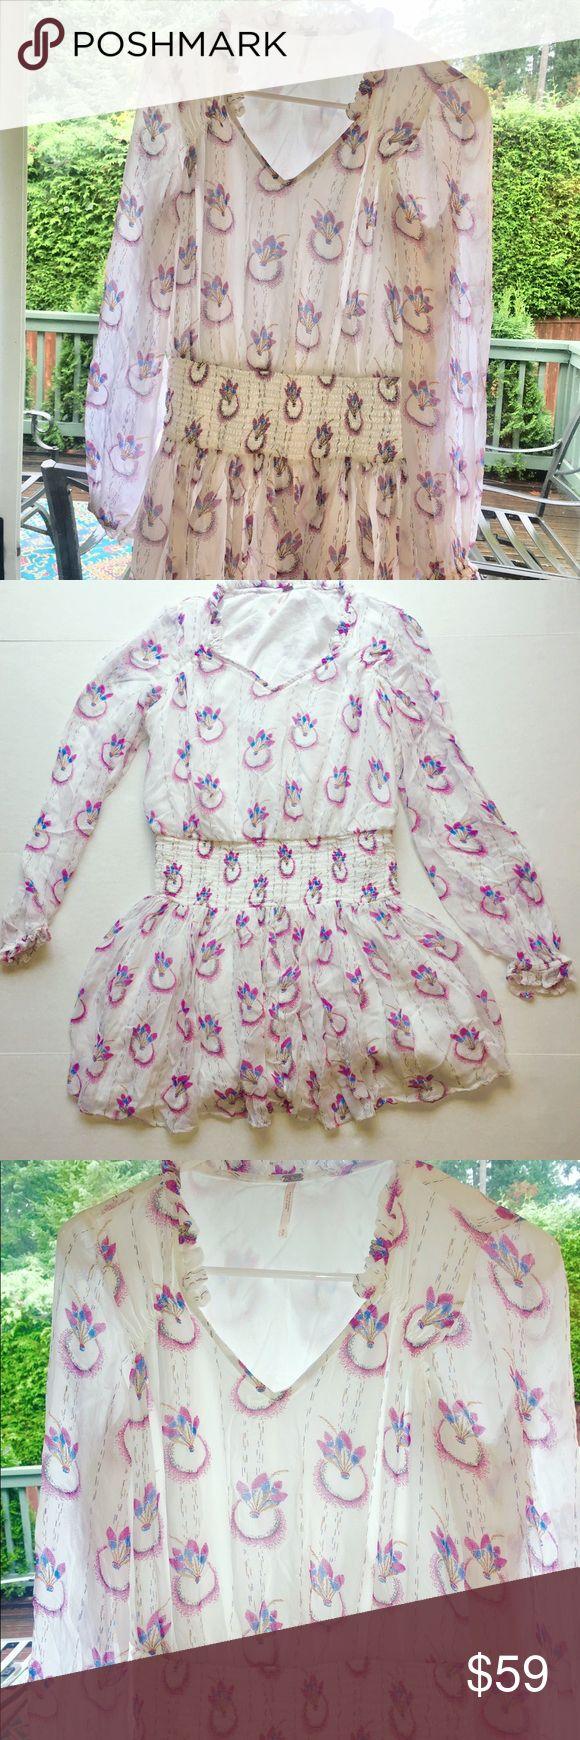 Freie Menschen weiß Baumwolle Minikleid Boho chic S wunderschöne Freie Menschen Boho …